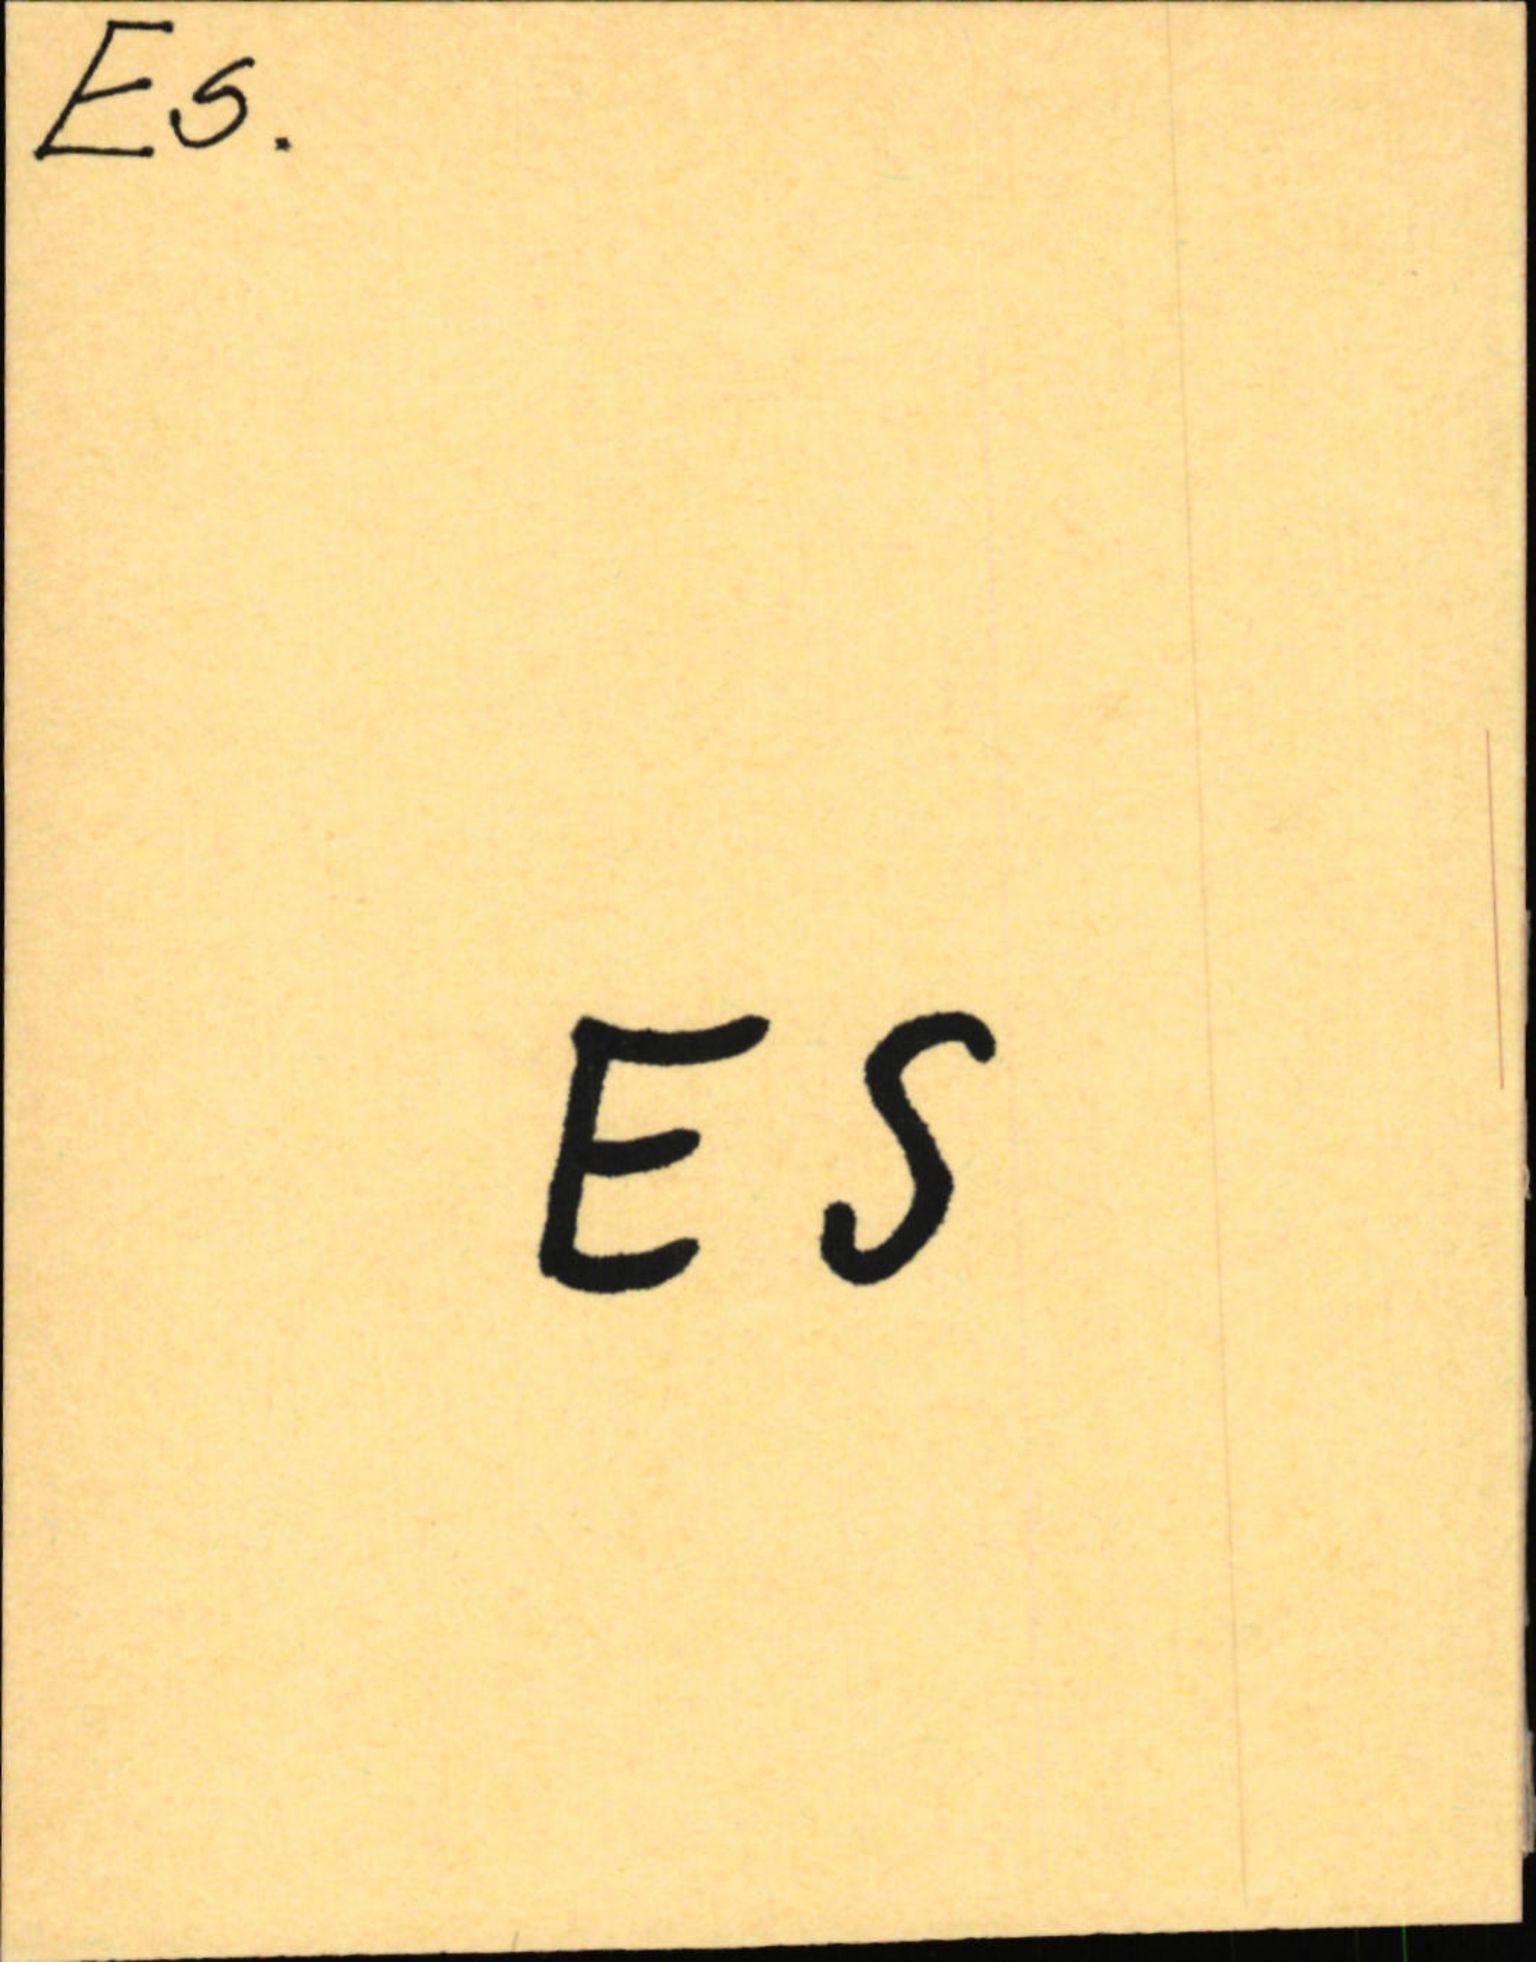 SAB, Statens vegvesen, Hordaland vegkontor, Ha/L0012: R-eierkort E-F, 1920-1971, s. 1